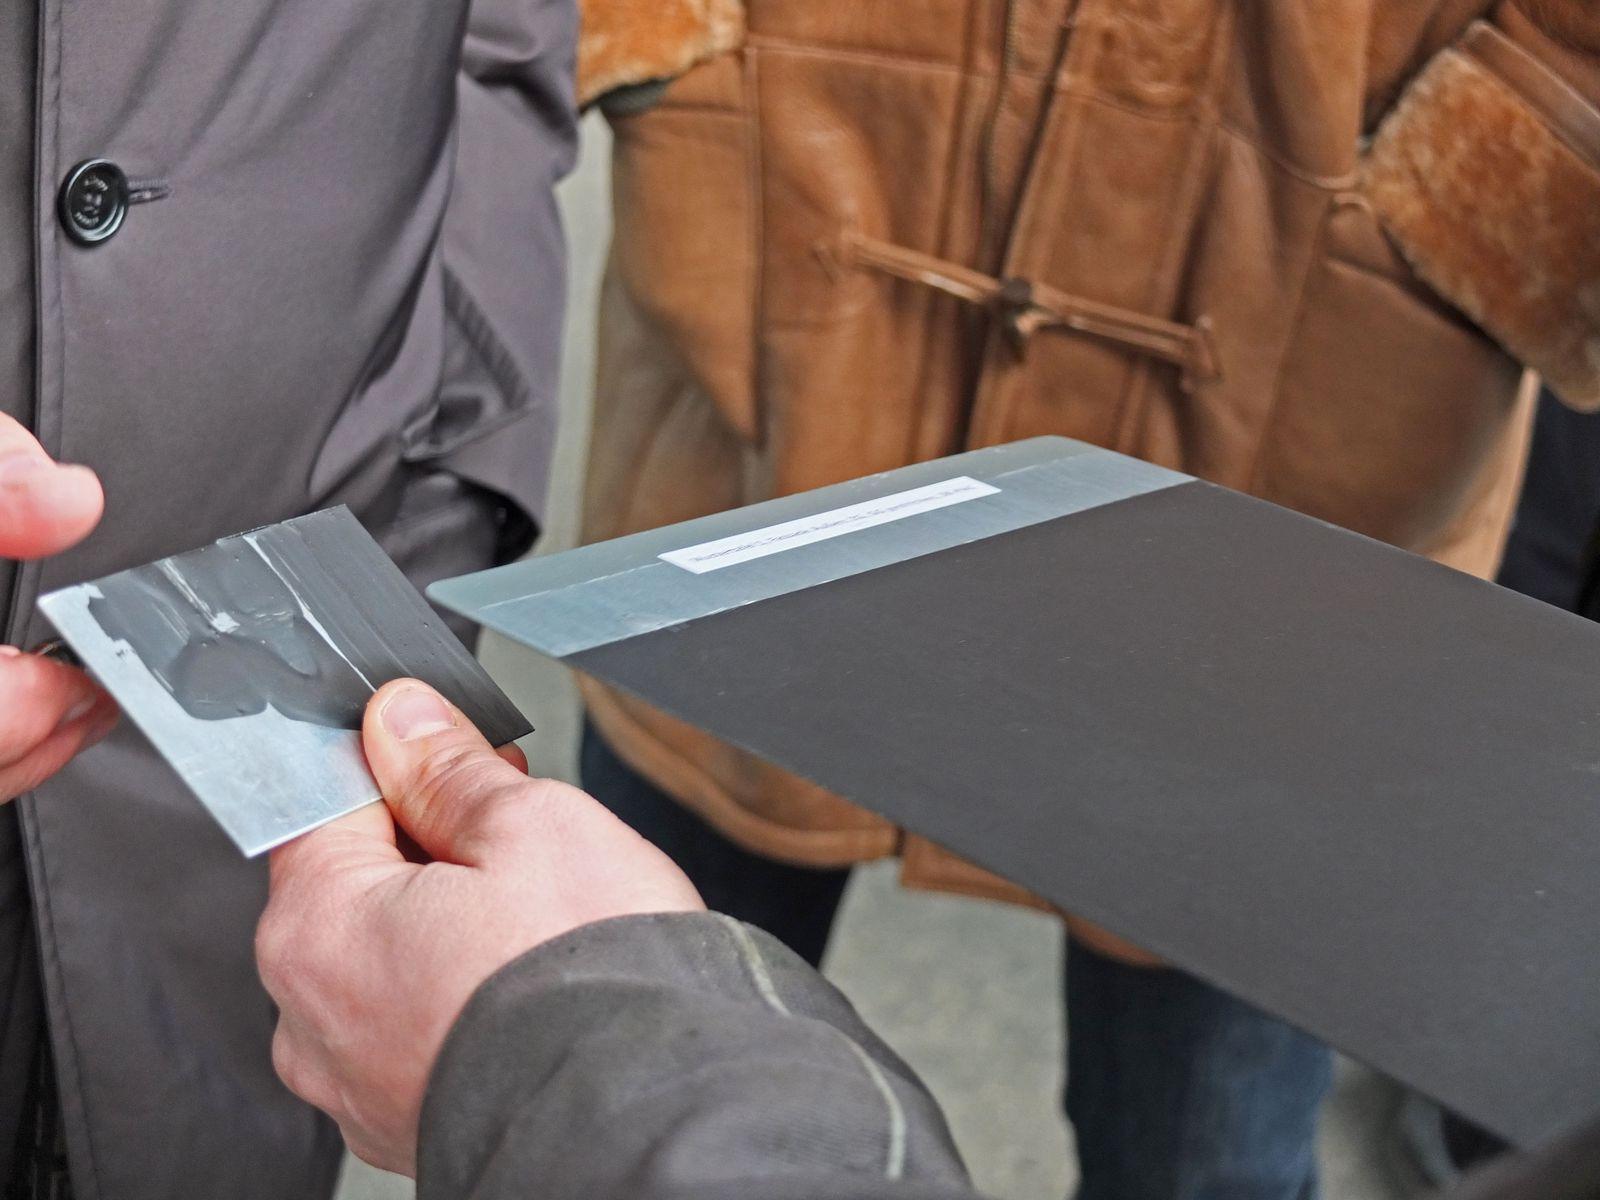 Mustertafel für die Oberflächenbehandlung der Stahlkonstruktion. Foto: Schmedding.vonMarlin